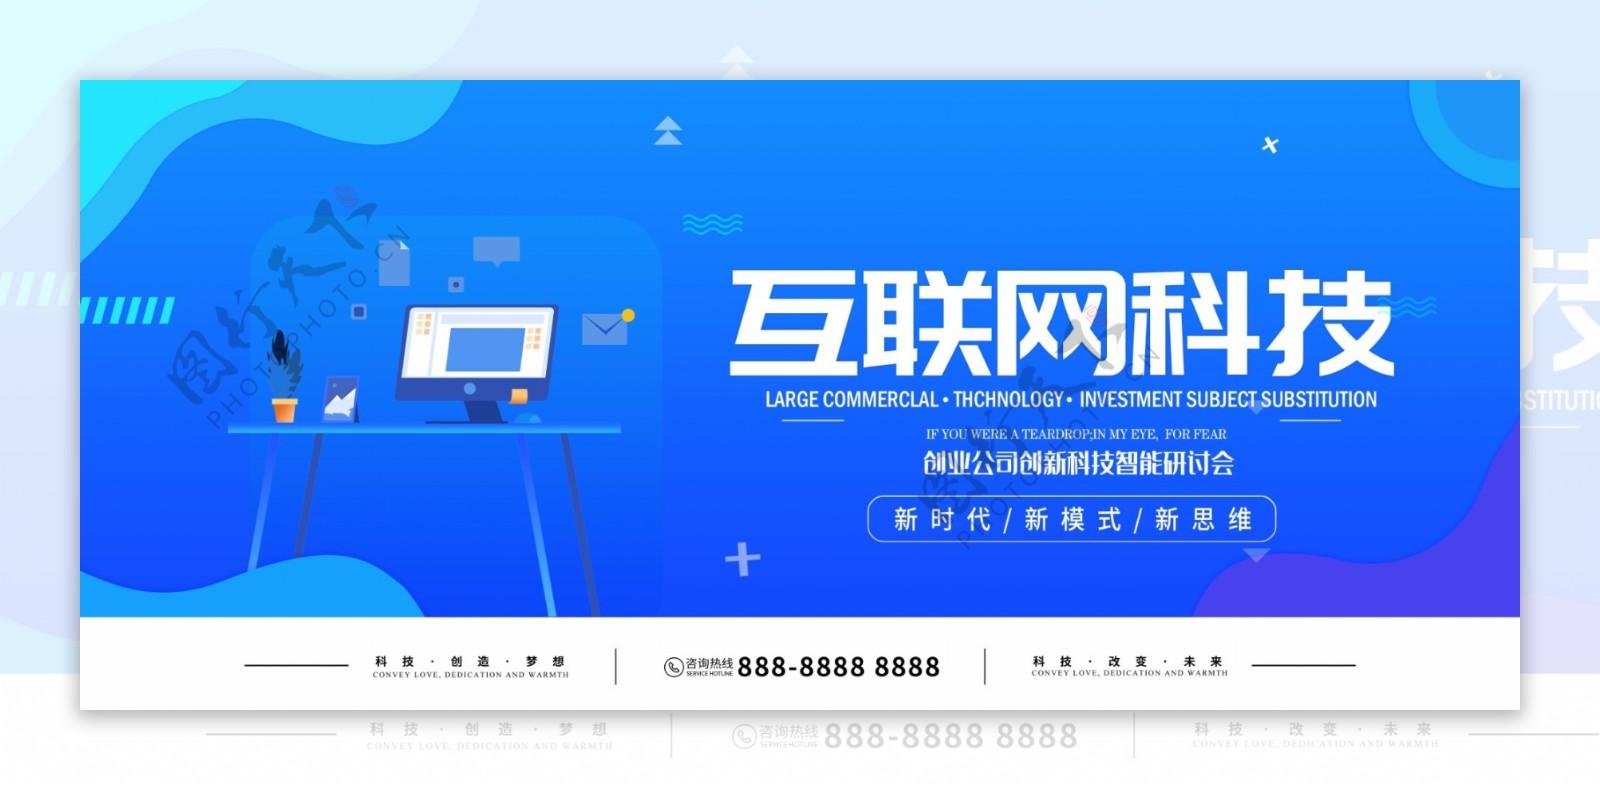 蓝色渐变几何扁平化互联网科技企业展板